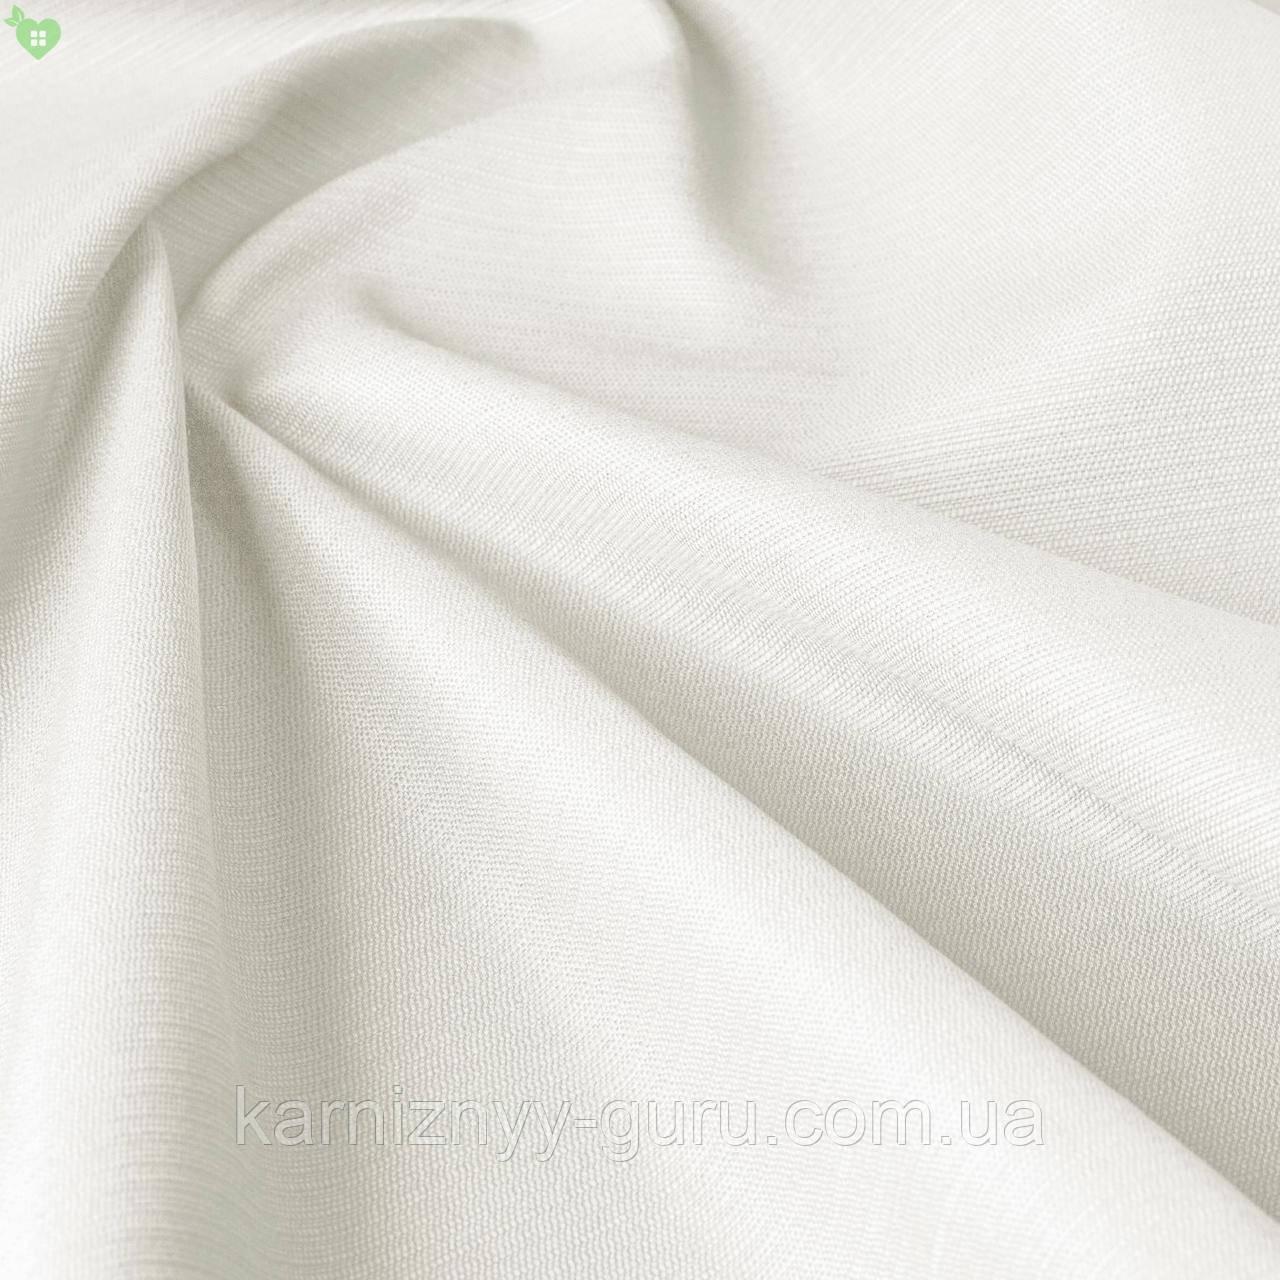 Уличная ткань с фактурой белого цвета для штор на террасу 84260v1